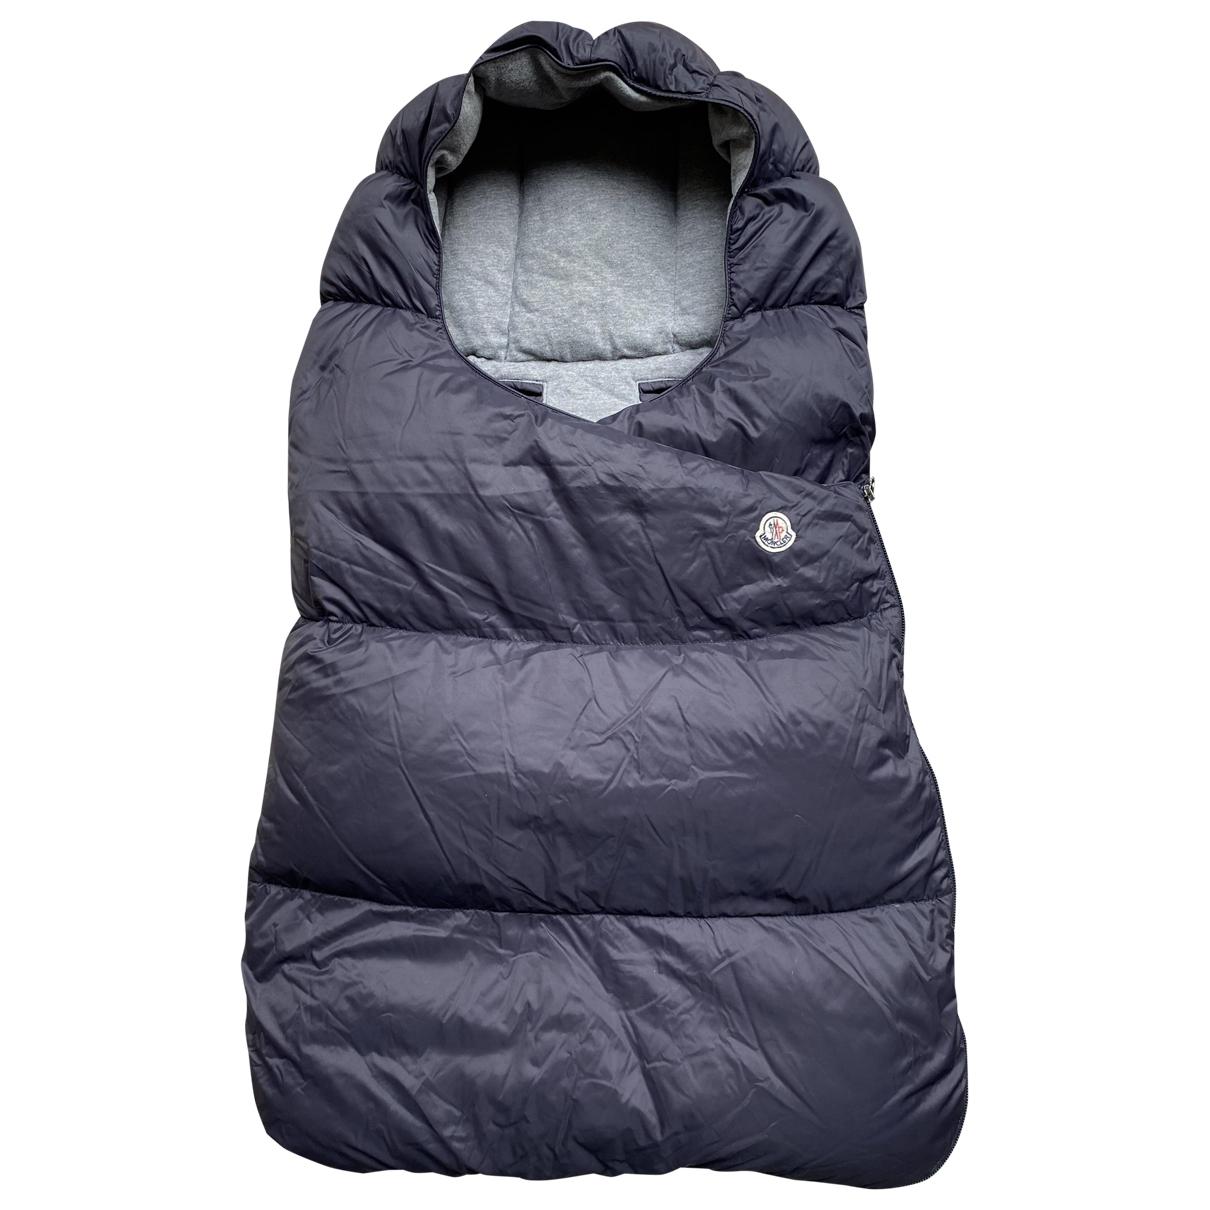 Moncler \N Navy jacket & coat for Kids 6 months - up to 67cm FR